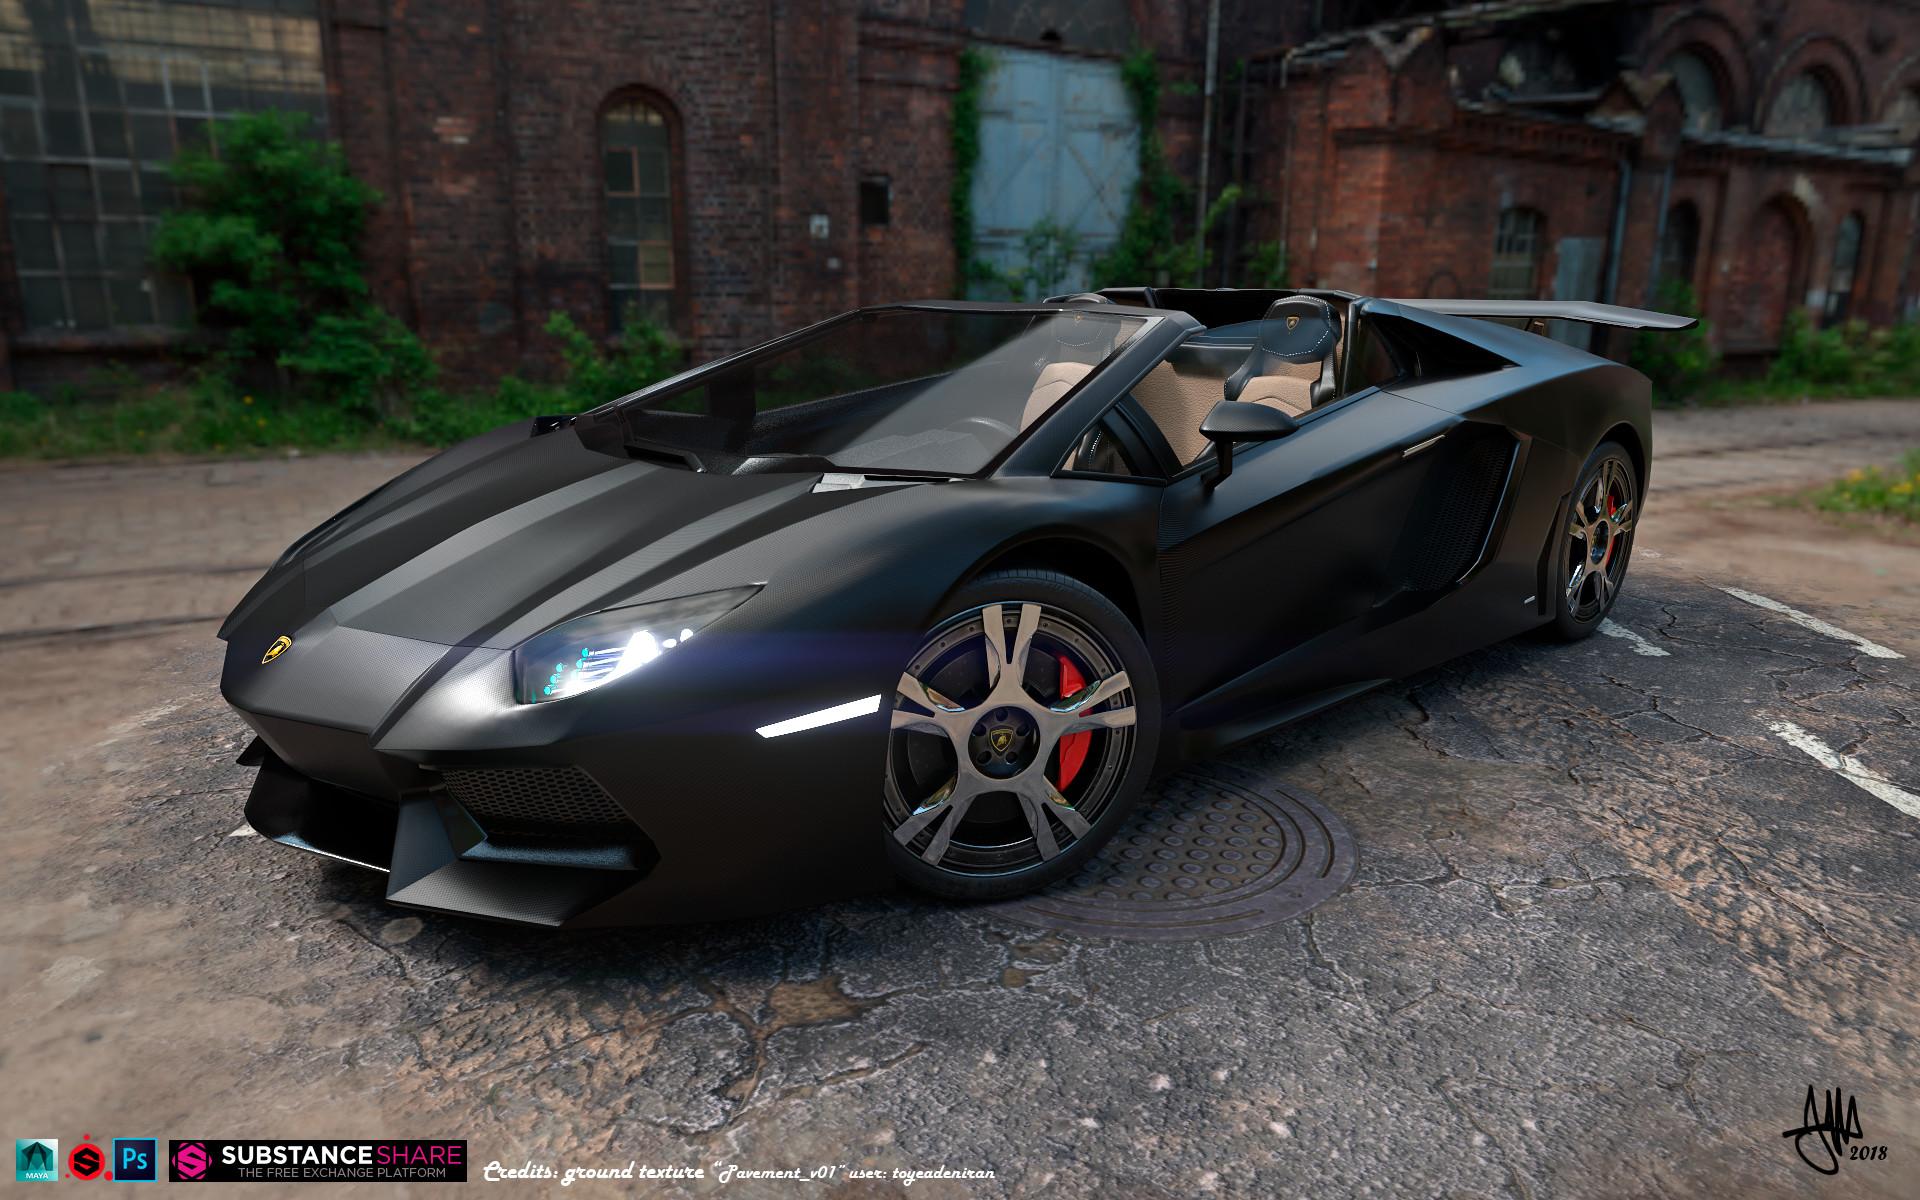 Santiago Vivanco Morillo Lamborghini Aventador Roadster 360 3d